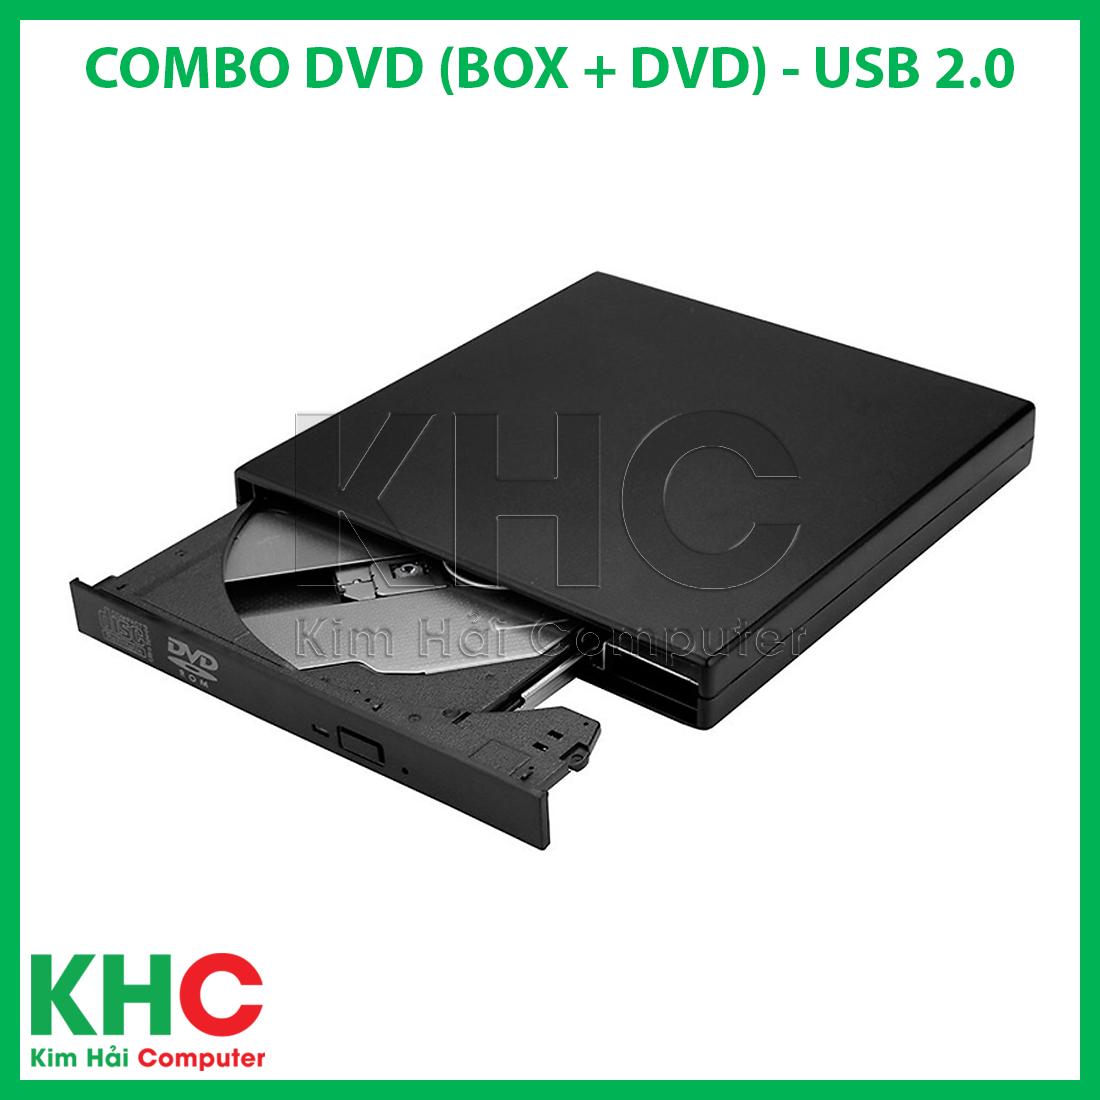 Combo DVD Gắn Ngoài (Gồm Box + DVD) To USB 2.0 (Đọc, Ghi CD – DVD) – Kim Hải Computer